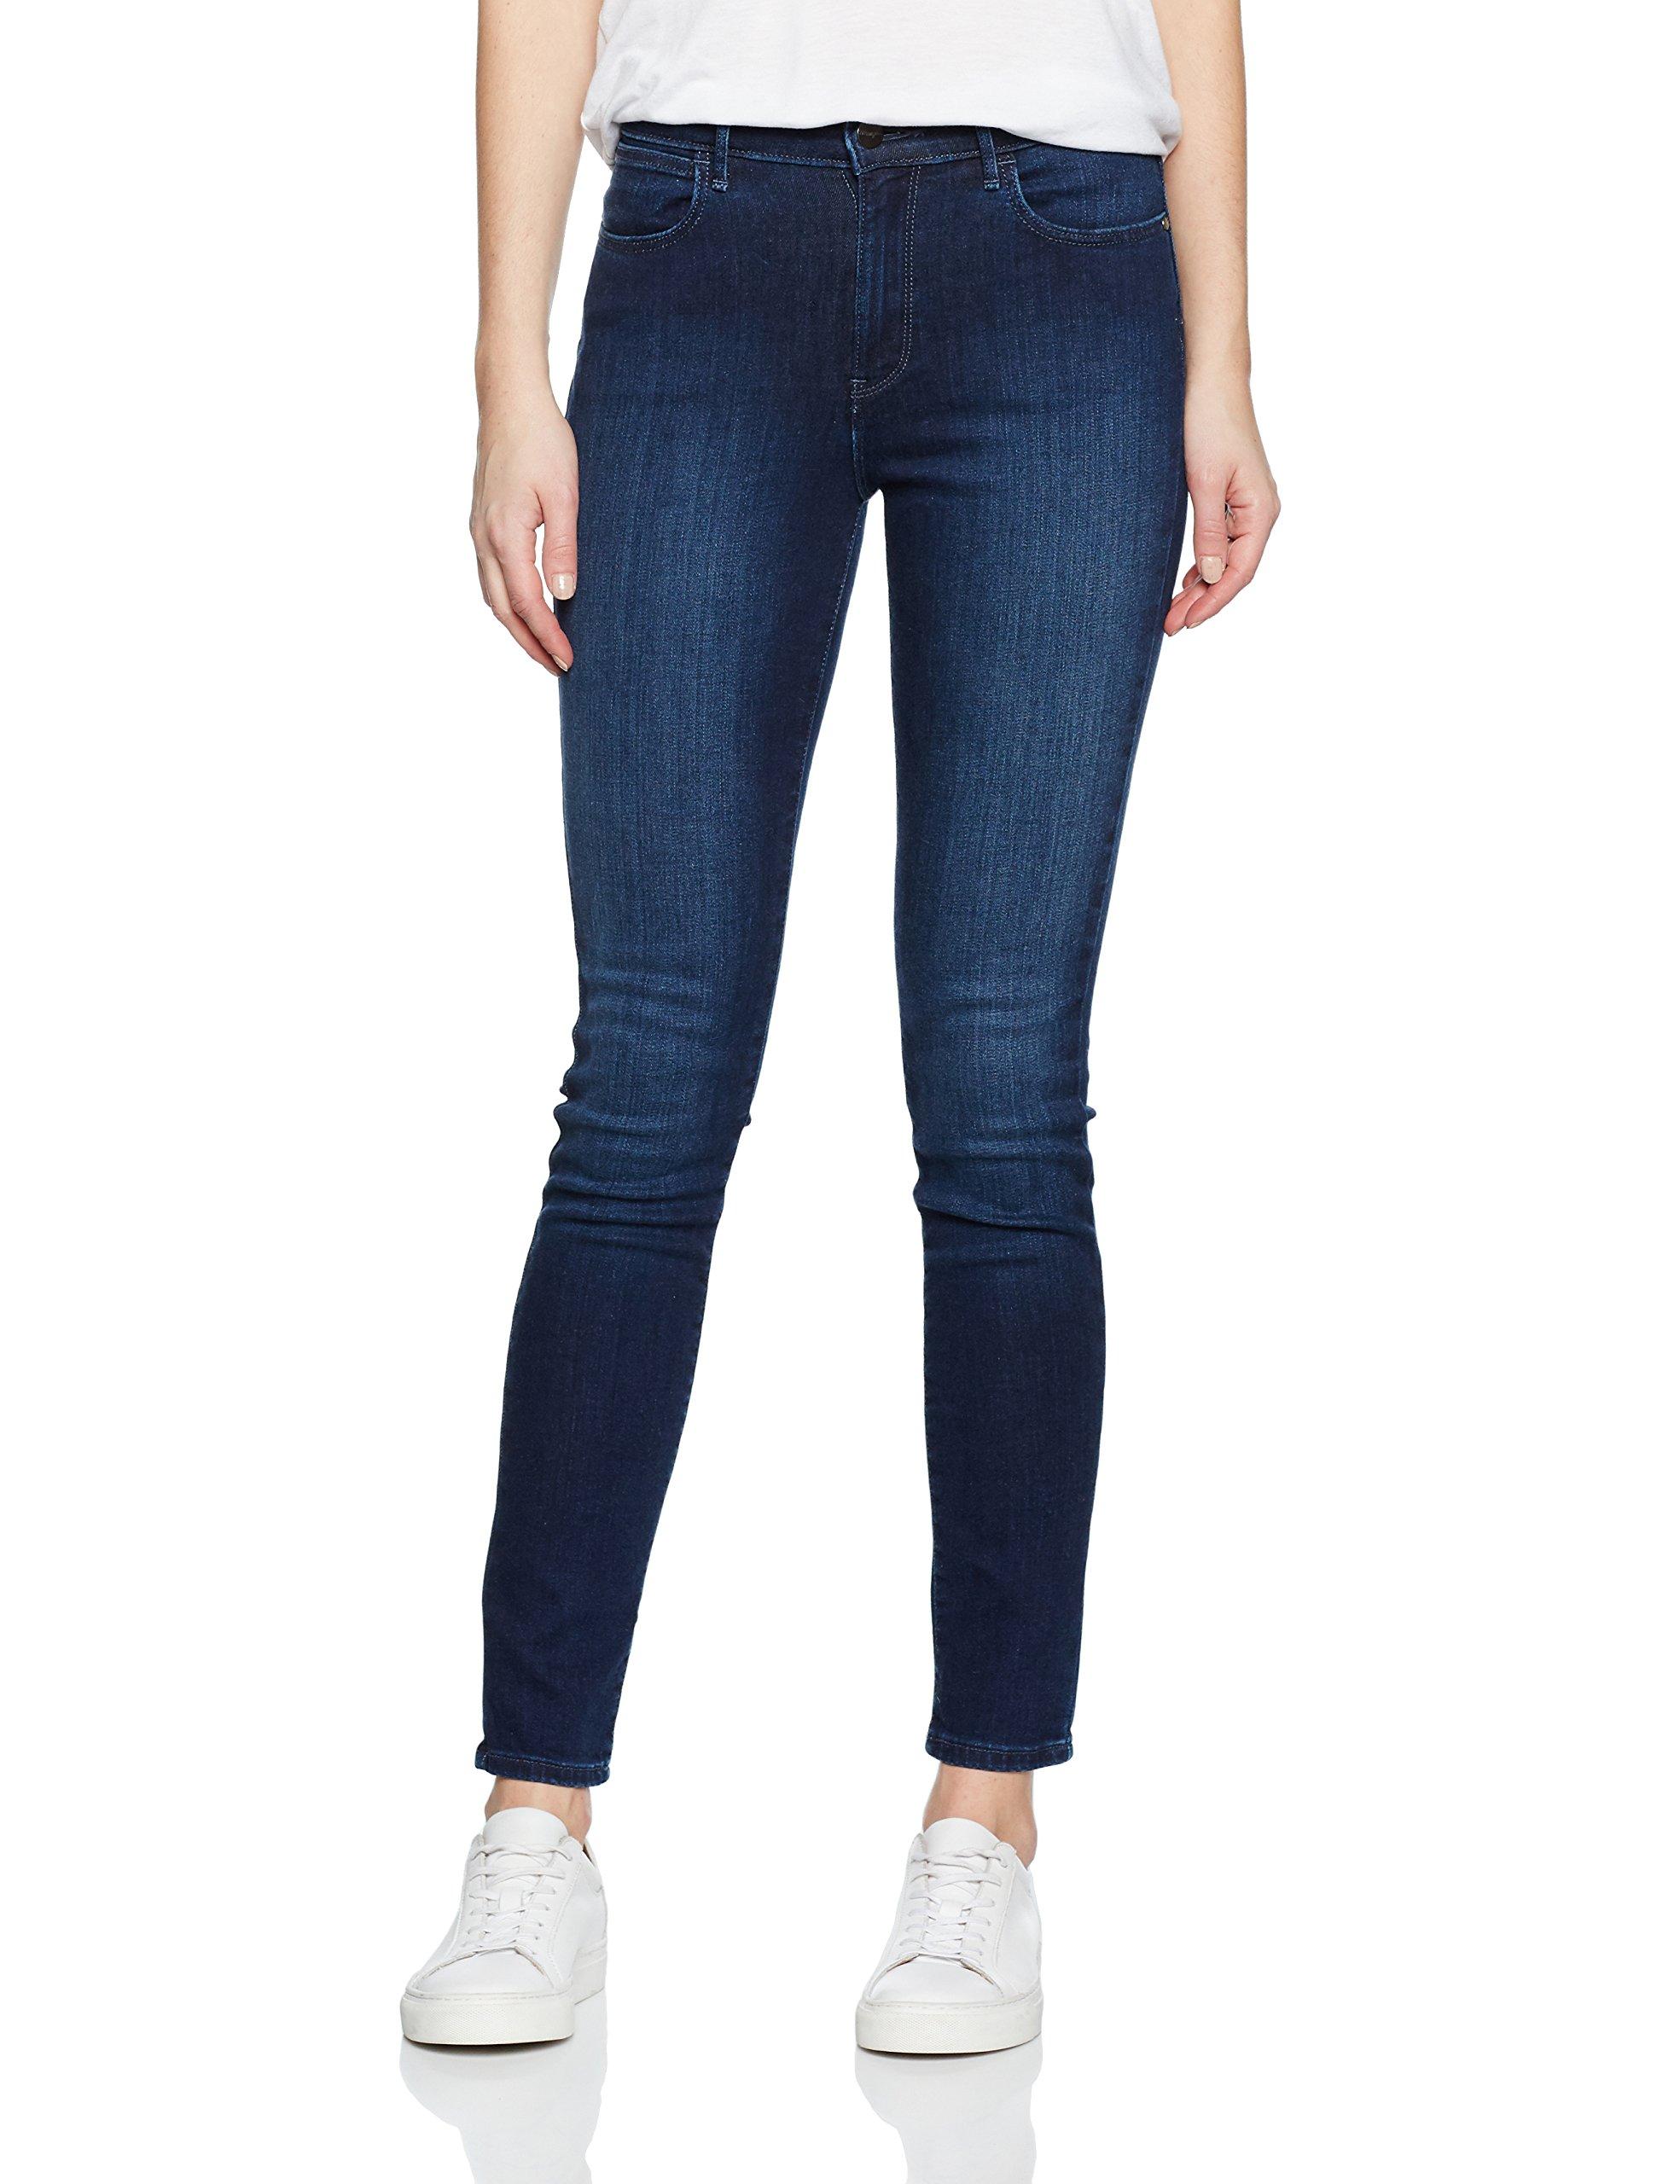 BlueW31 l32 High Skinny Subtle BlueJeans Rise FemmeBleusubtle Wrangler y8NwvmO0n